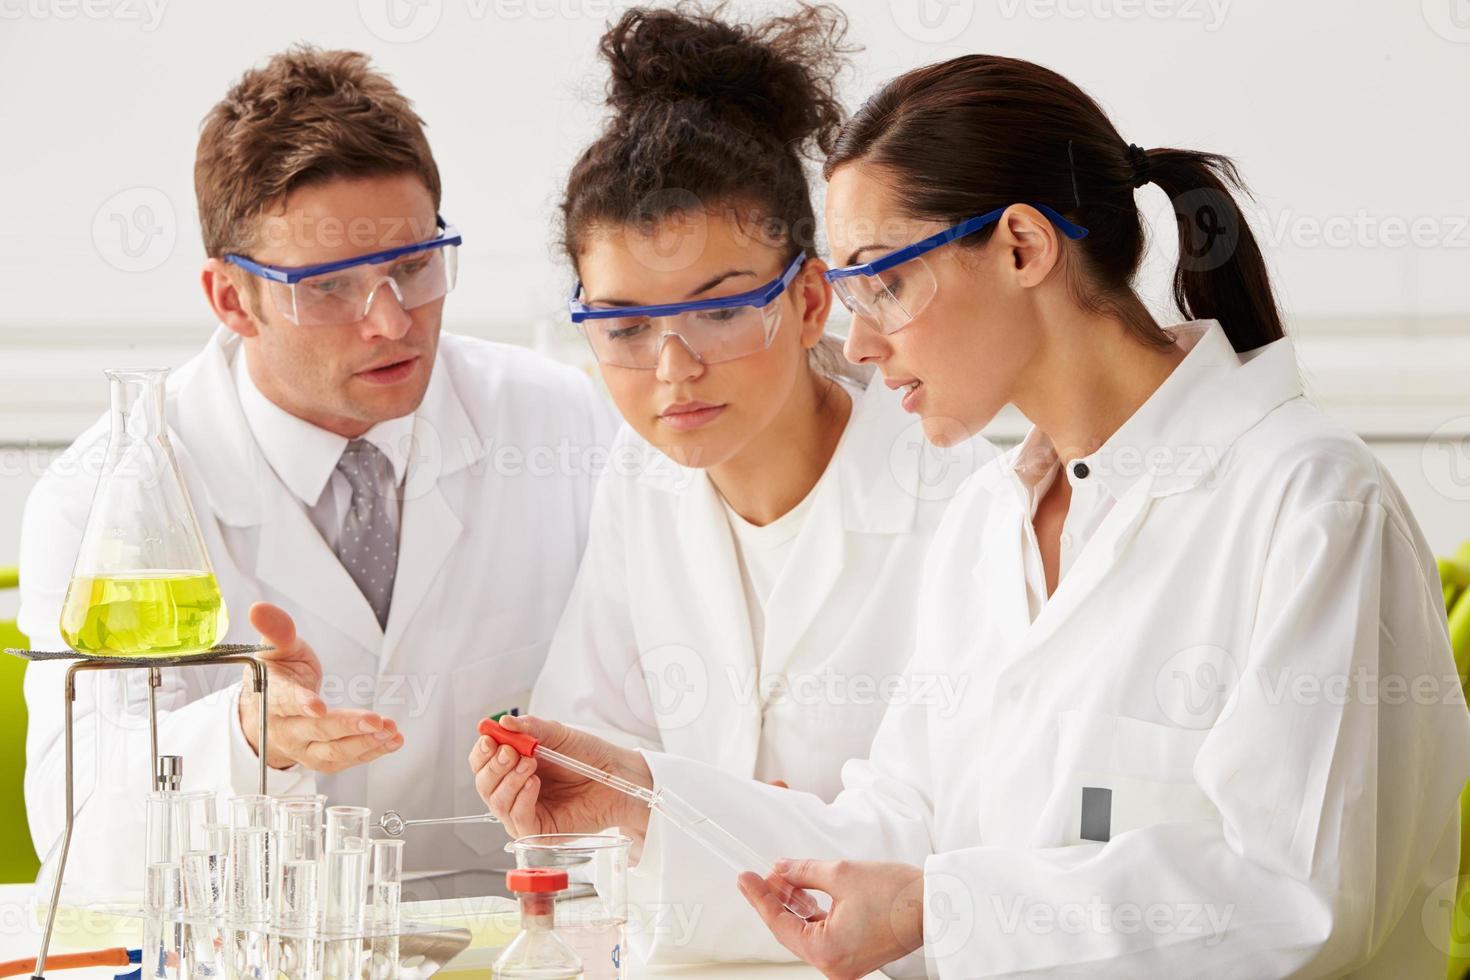 groupe de scientifiques effectuant une expérience en laboratoire photo